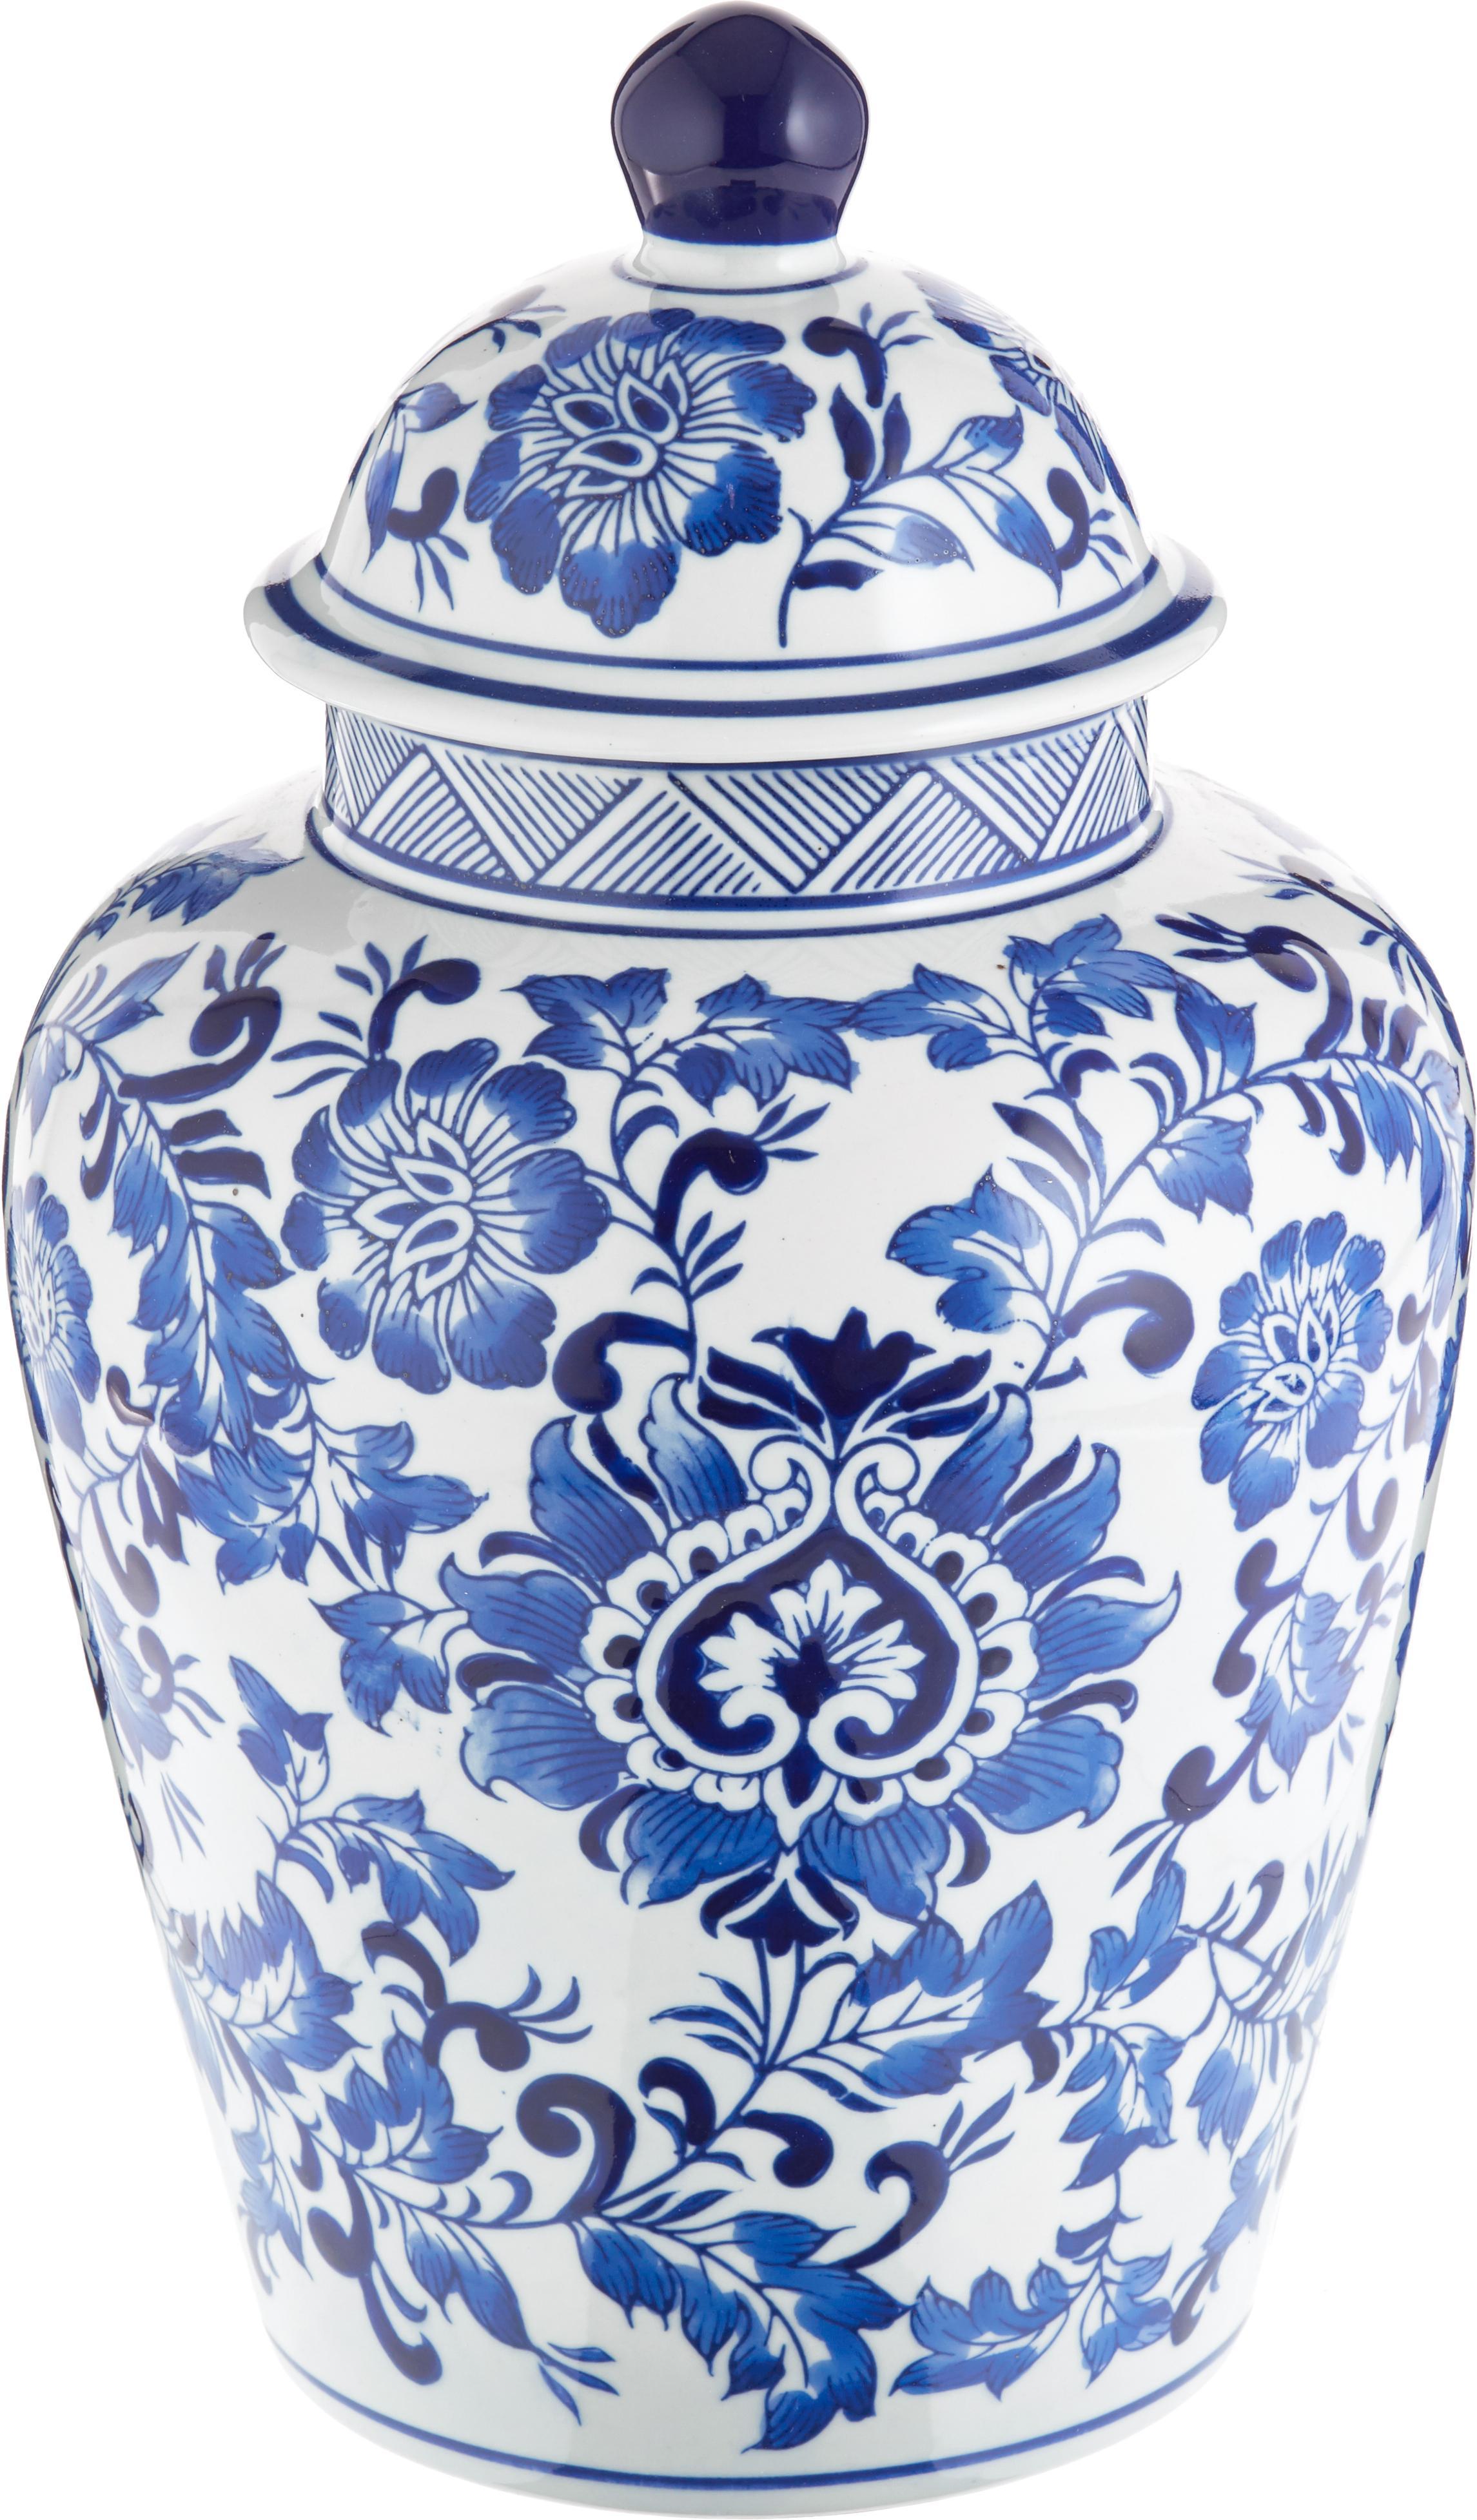 Duży wazon z porcelany z pokrywką Annabelle, Porcelana, Niebieski, biały, Ø 20 cm